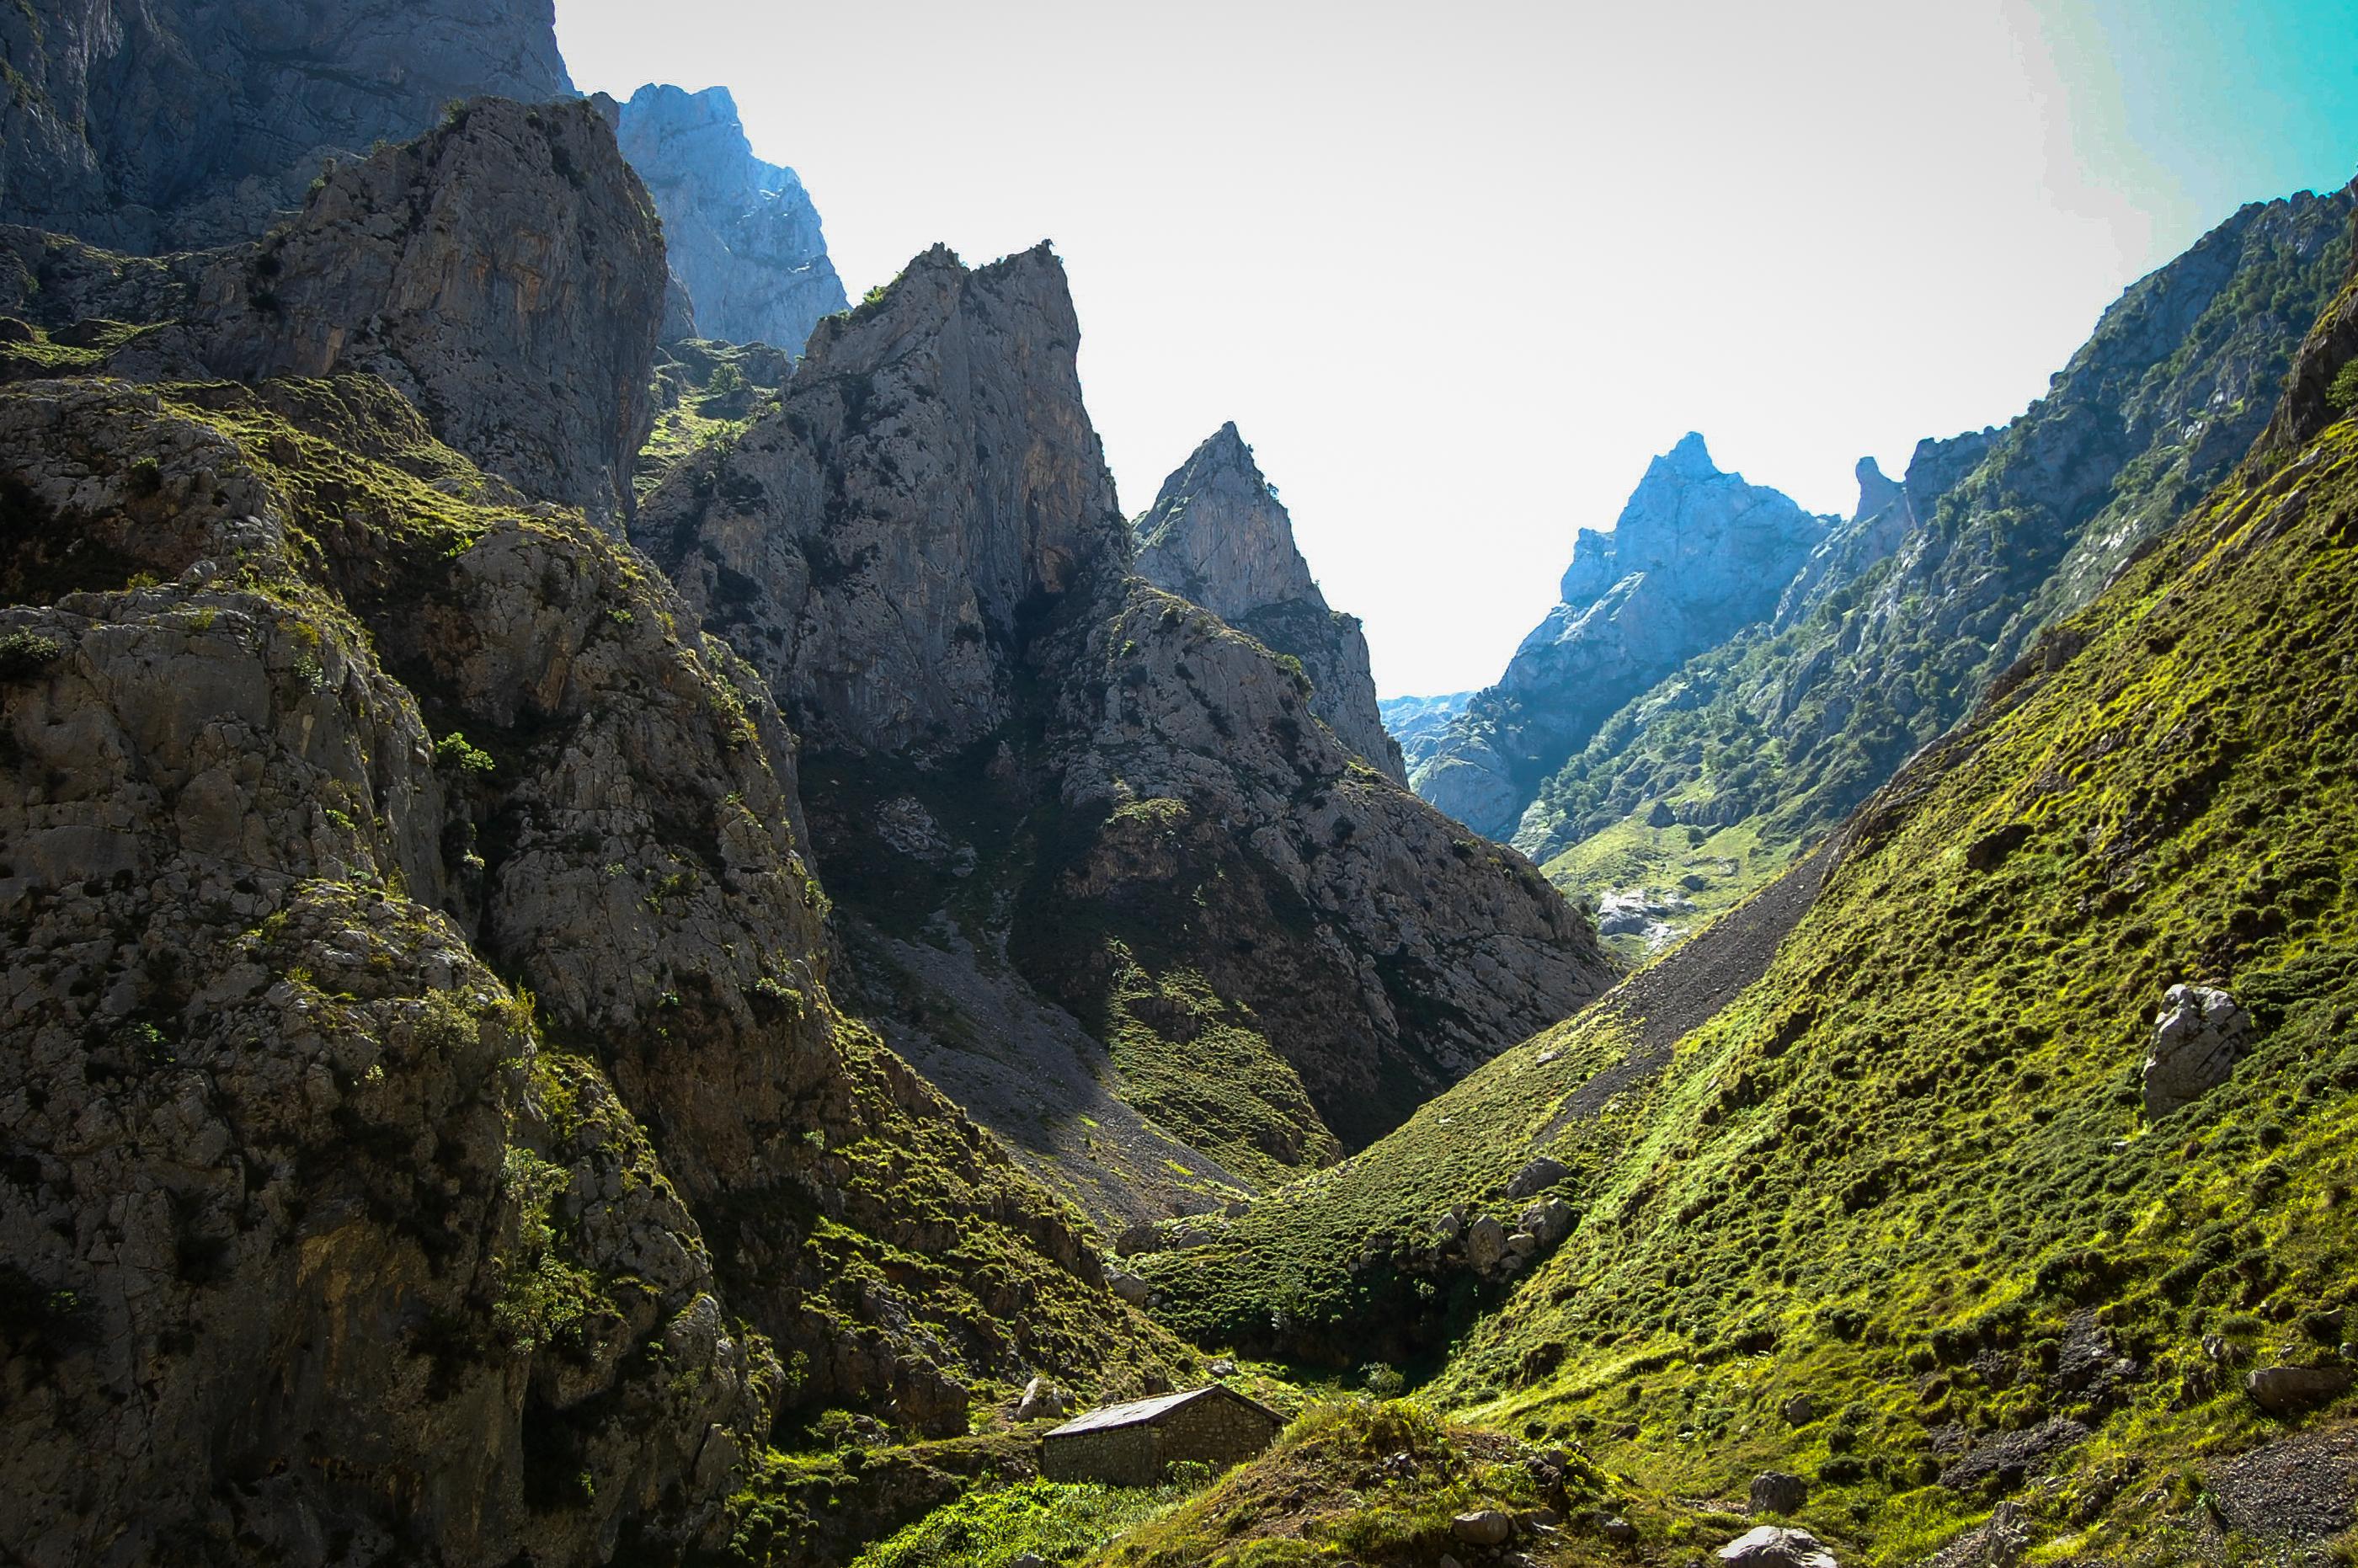 Las 10 imágenes que hicieron que Heidi eligiese Los Picos de Europa para sus nuevas aventuras